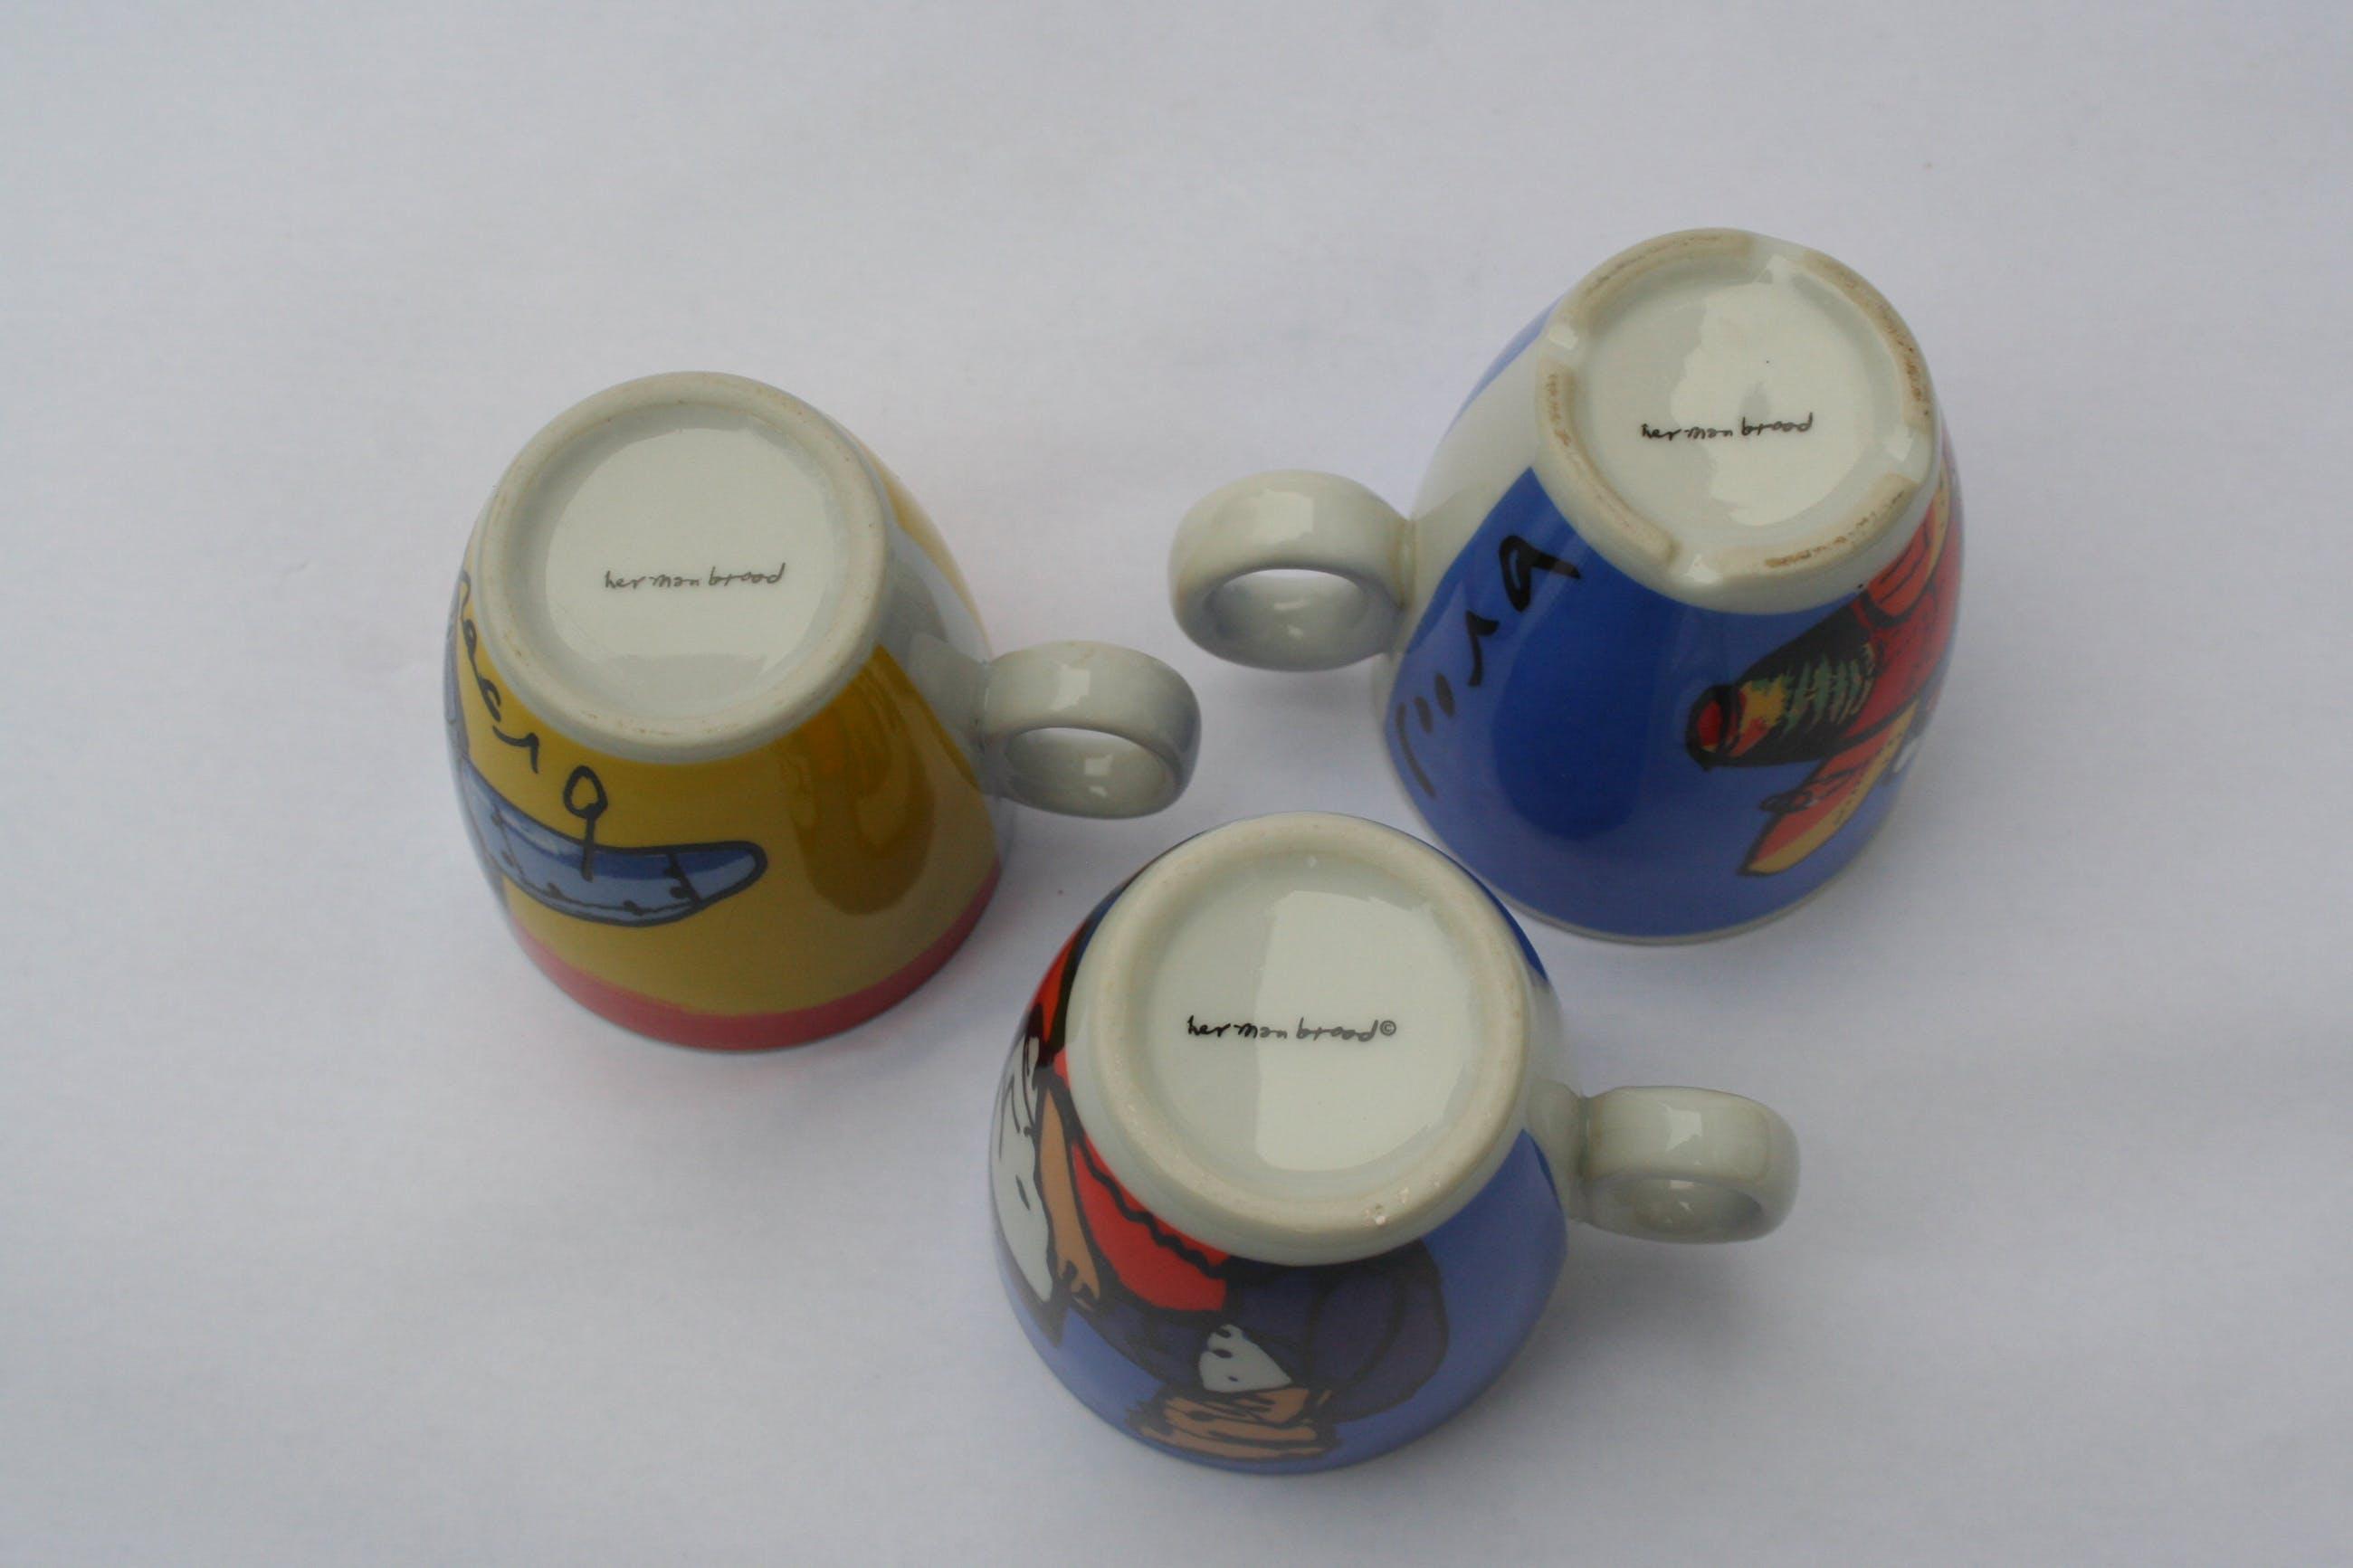 Niet of onleesbaar gesigneerd - 3 kopjes - Herman Brood kopen? Bied vanaf 1!